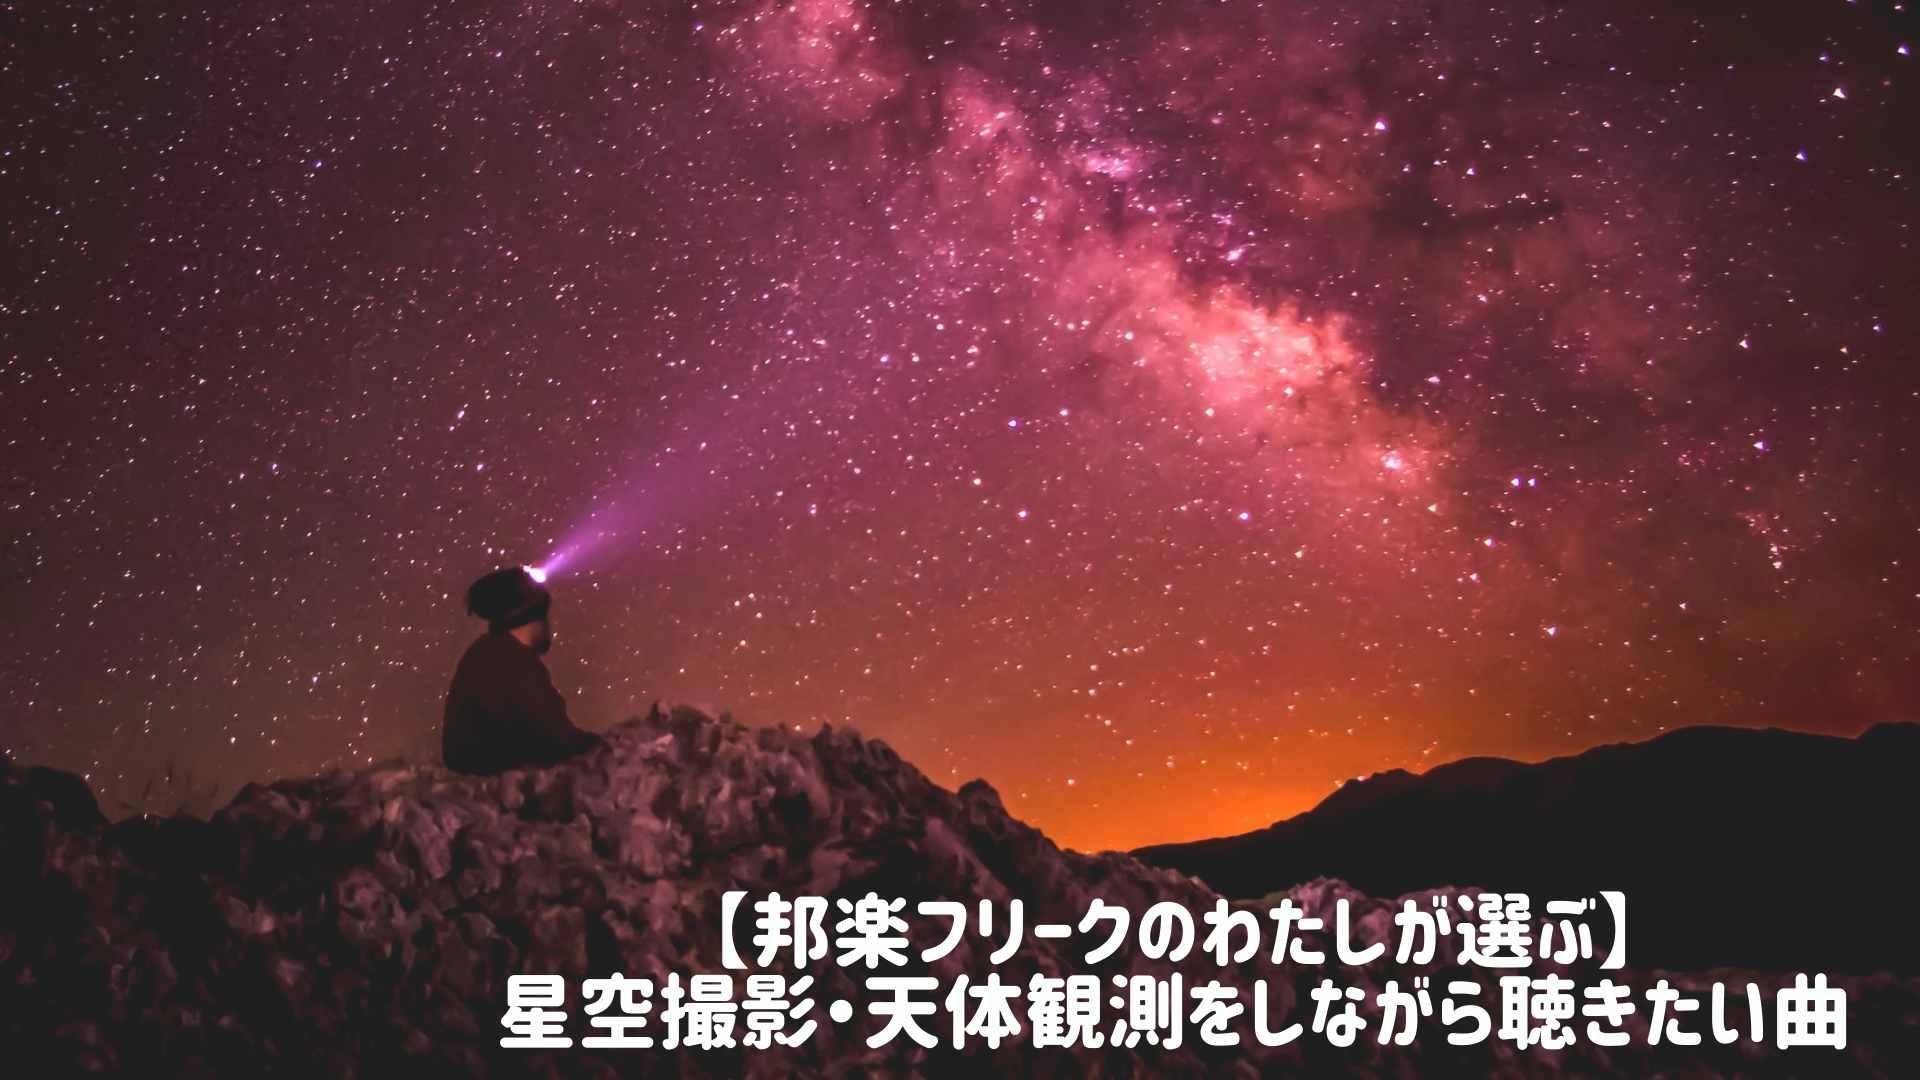 【邦楽フリークのわたしが選ぶ】 星空撮影・天体観測をしながら聴きたい曲